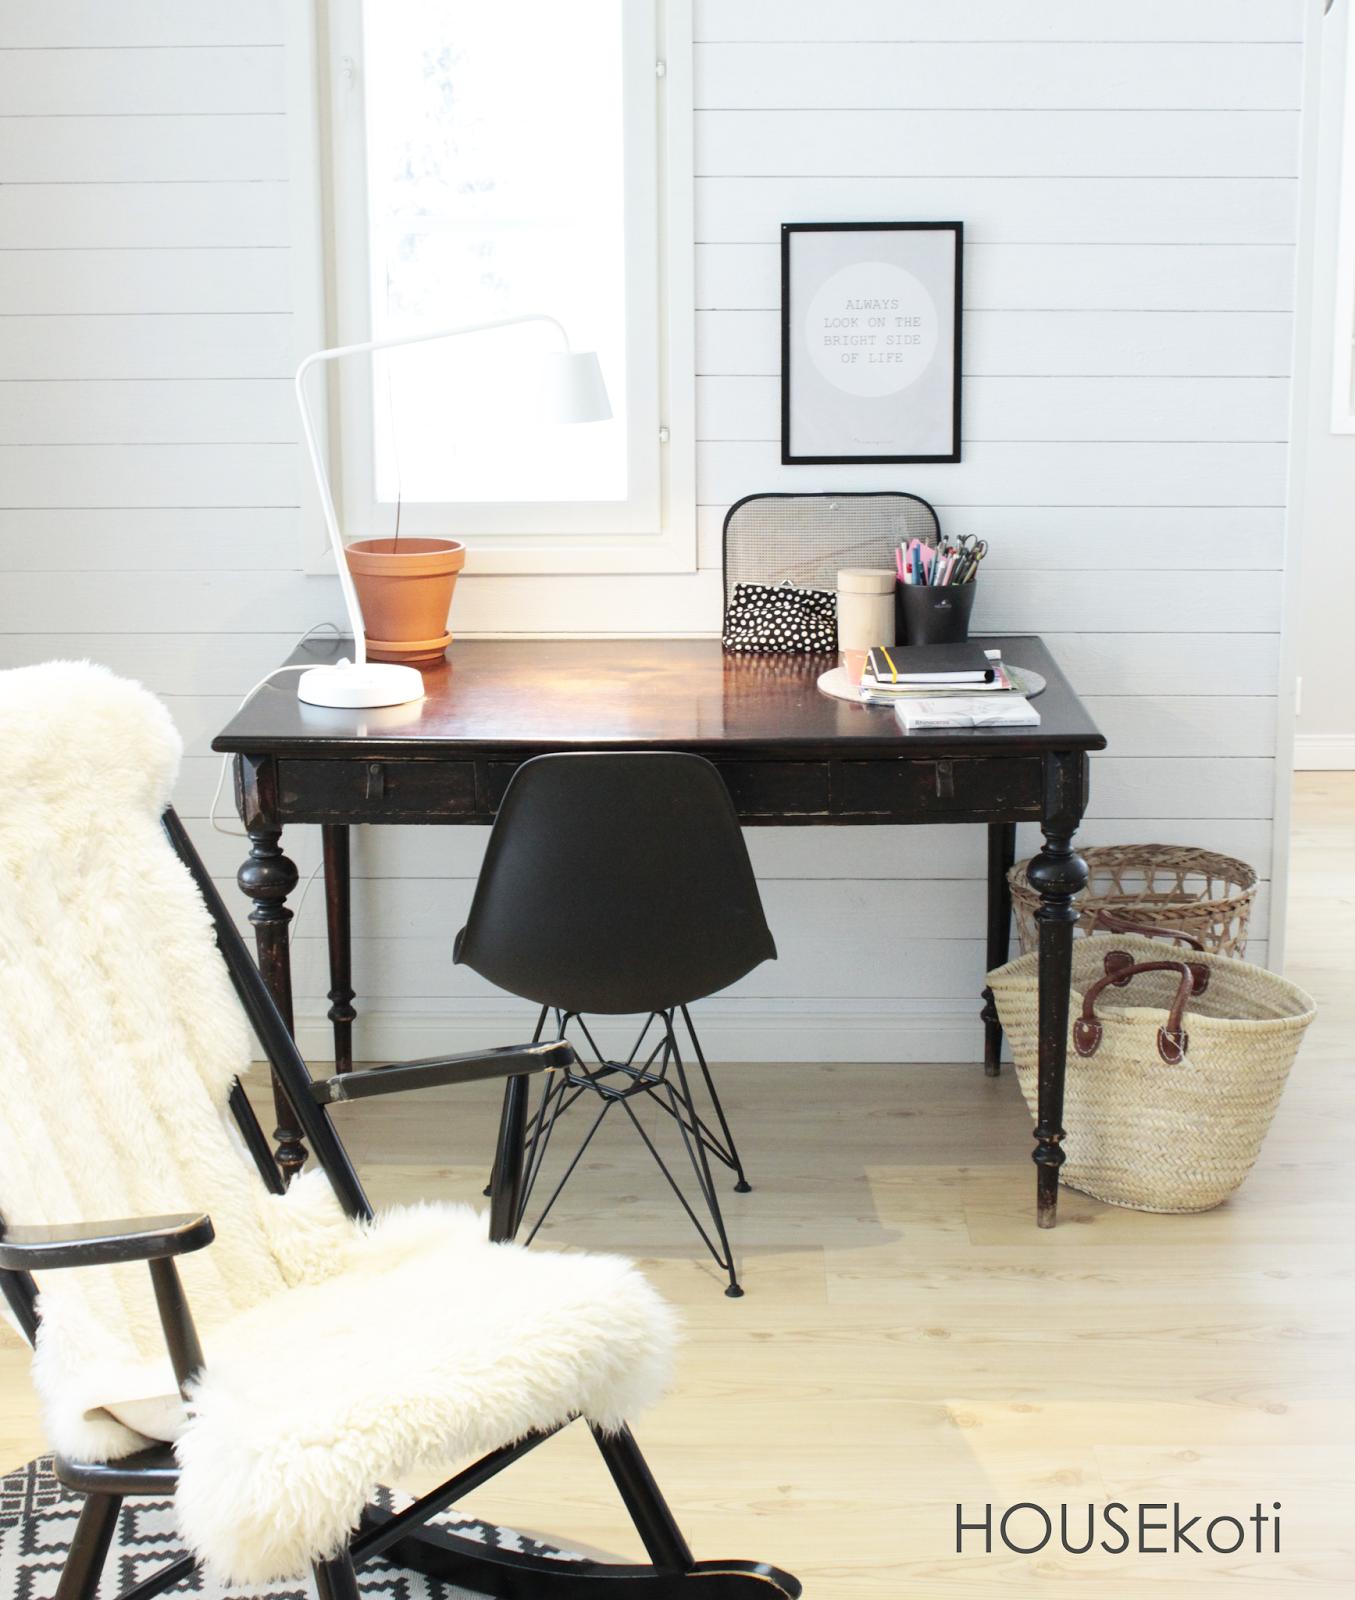 designhouseliving HOUSEkoti: Nahkavetimet (diy) vanhaan työpöytään   5.1.2016